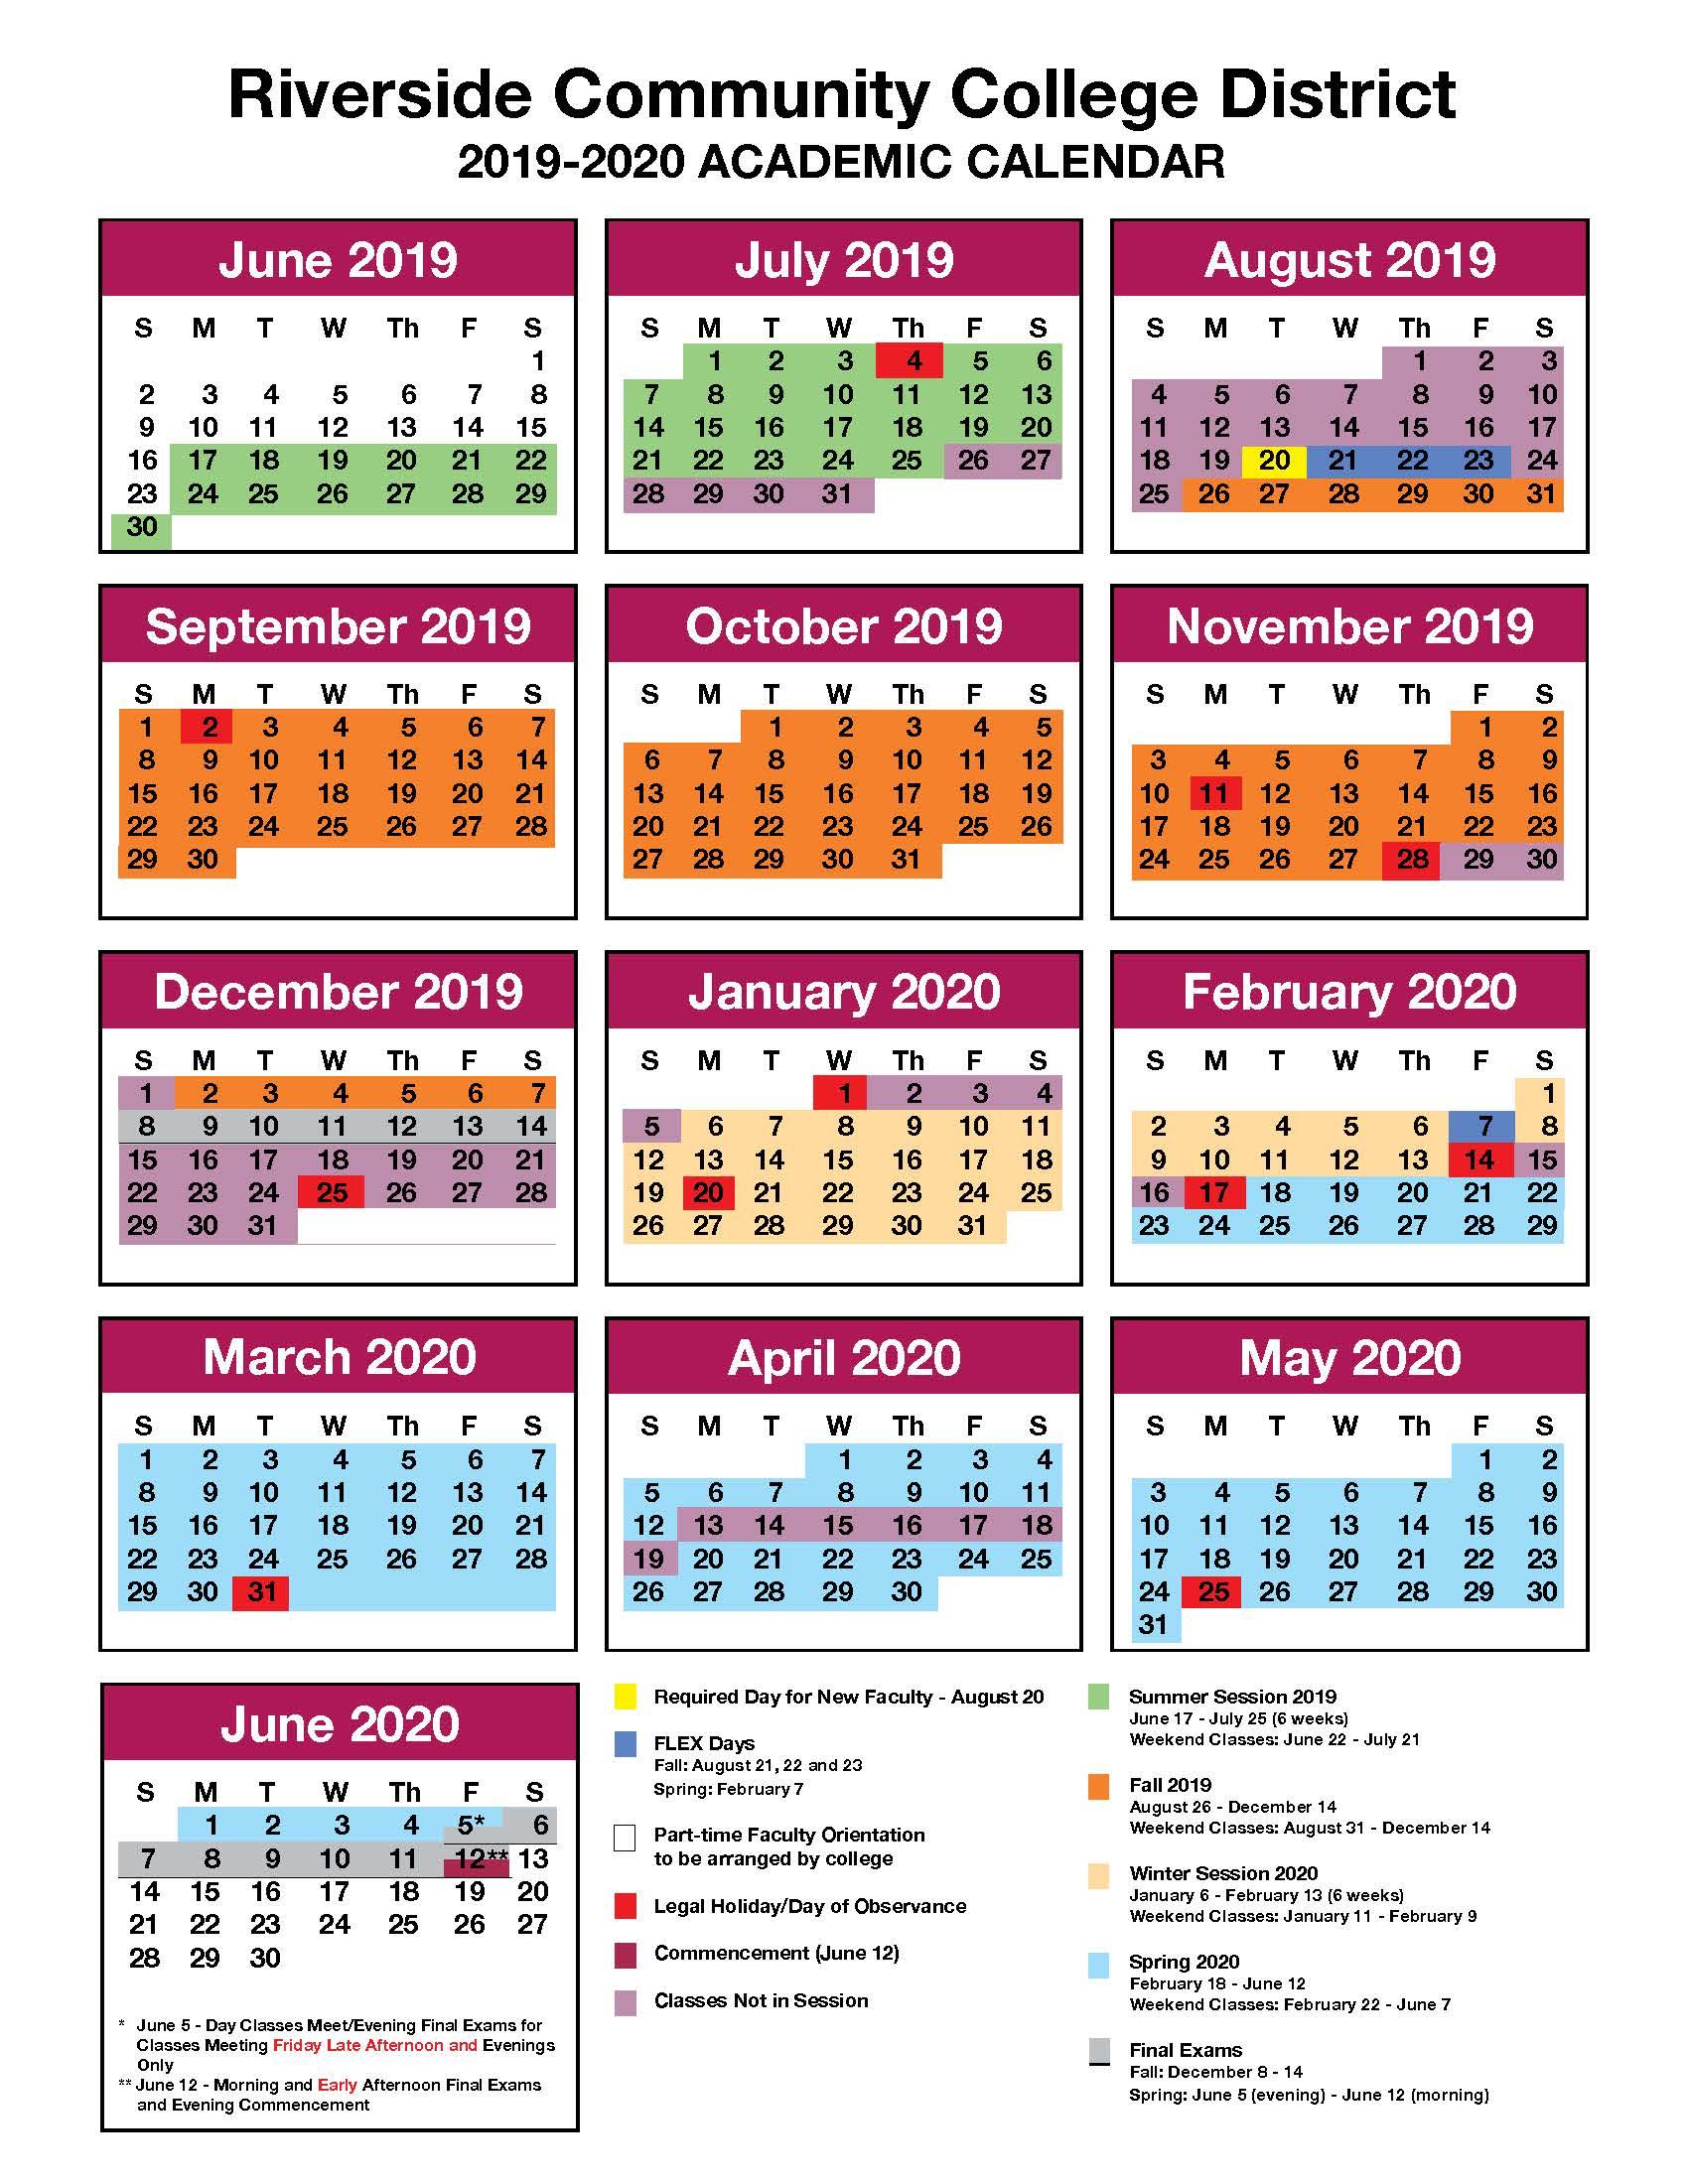 Jfk And Norco College Calendar 2019 2020 - John F. Kennedy For Corona Norco Calendar 2020